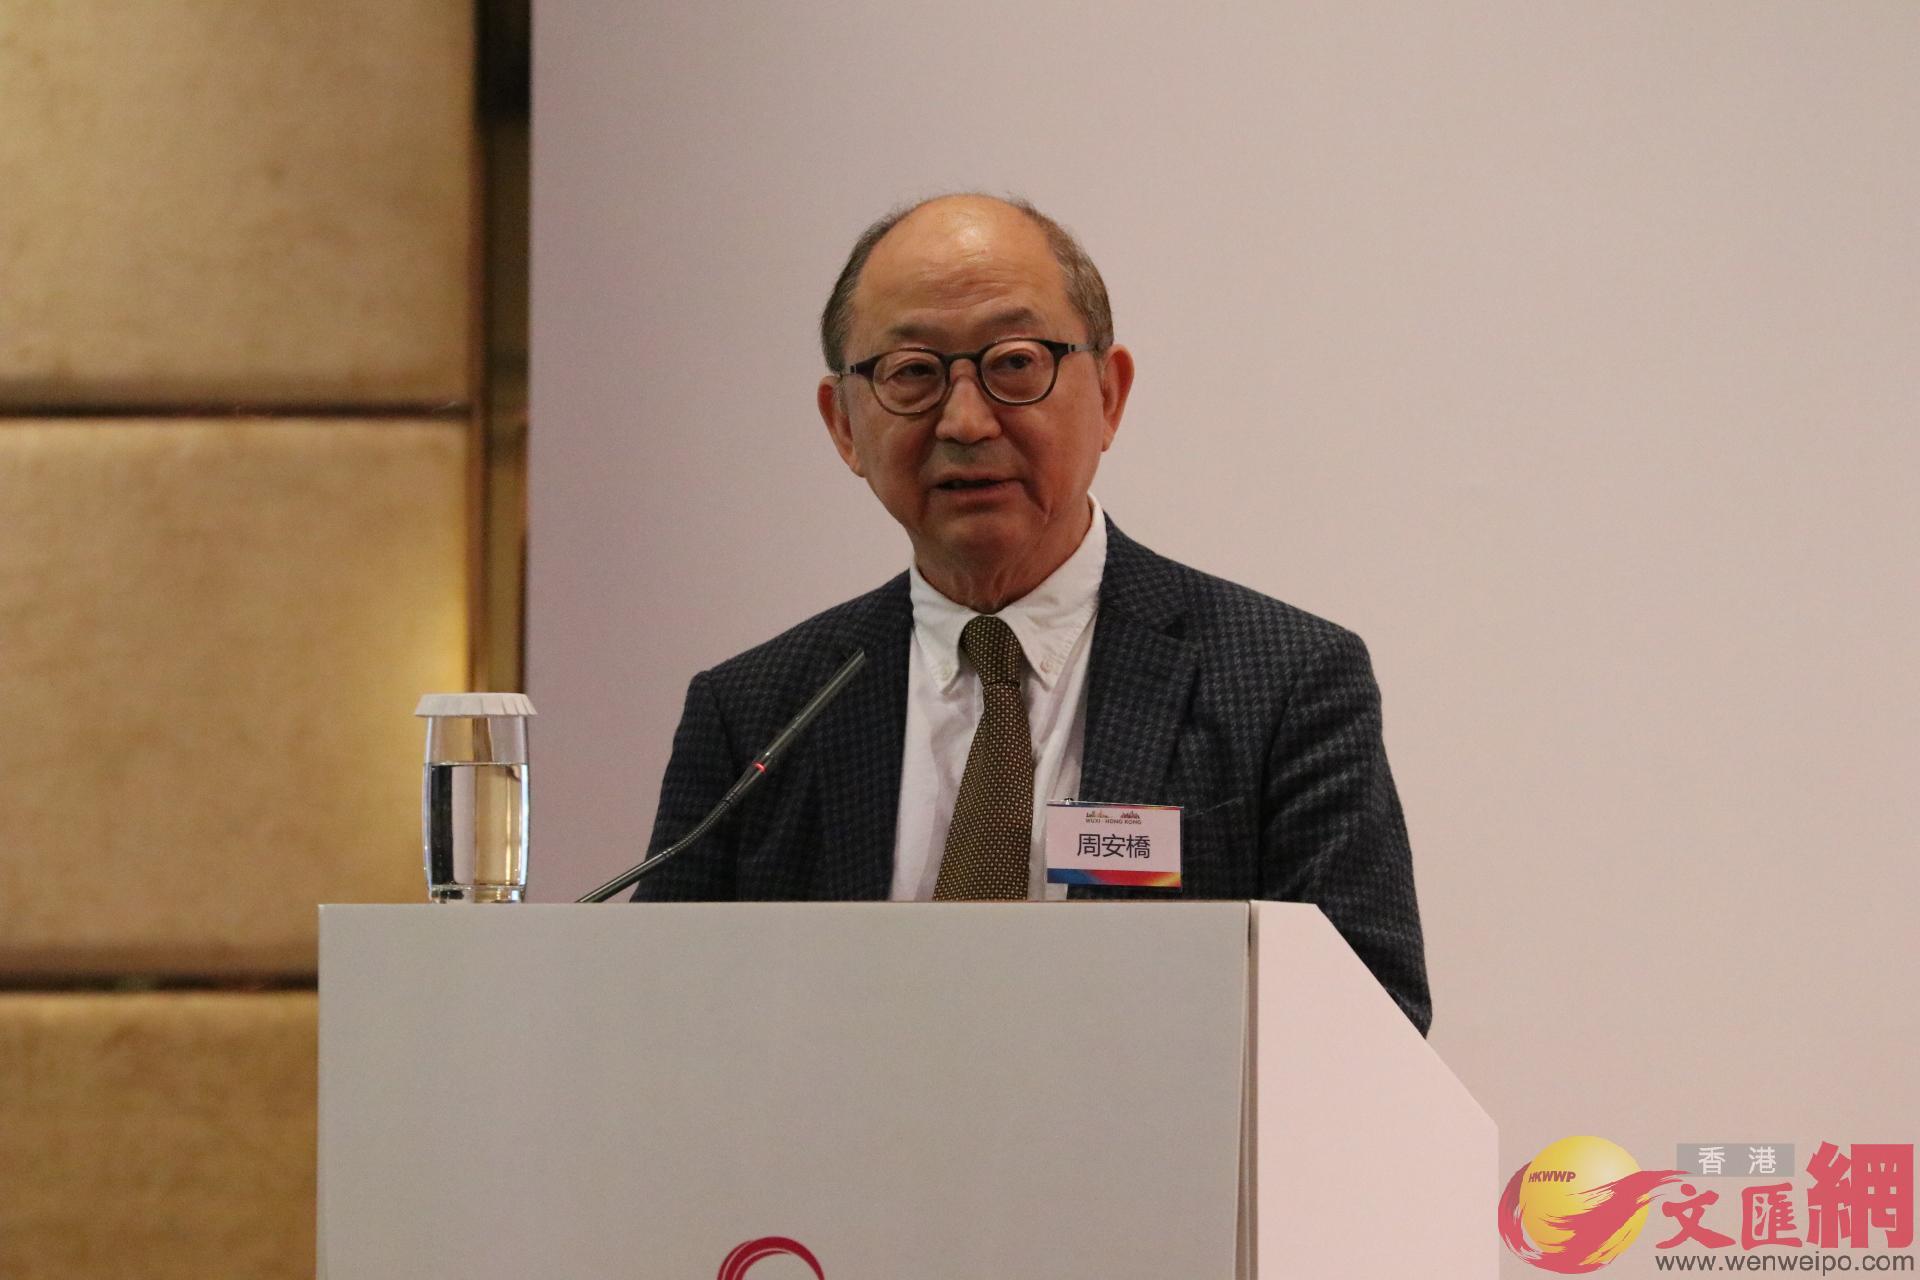 九龍倉集團有限公司副主席周安橋致辭